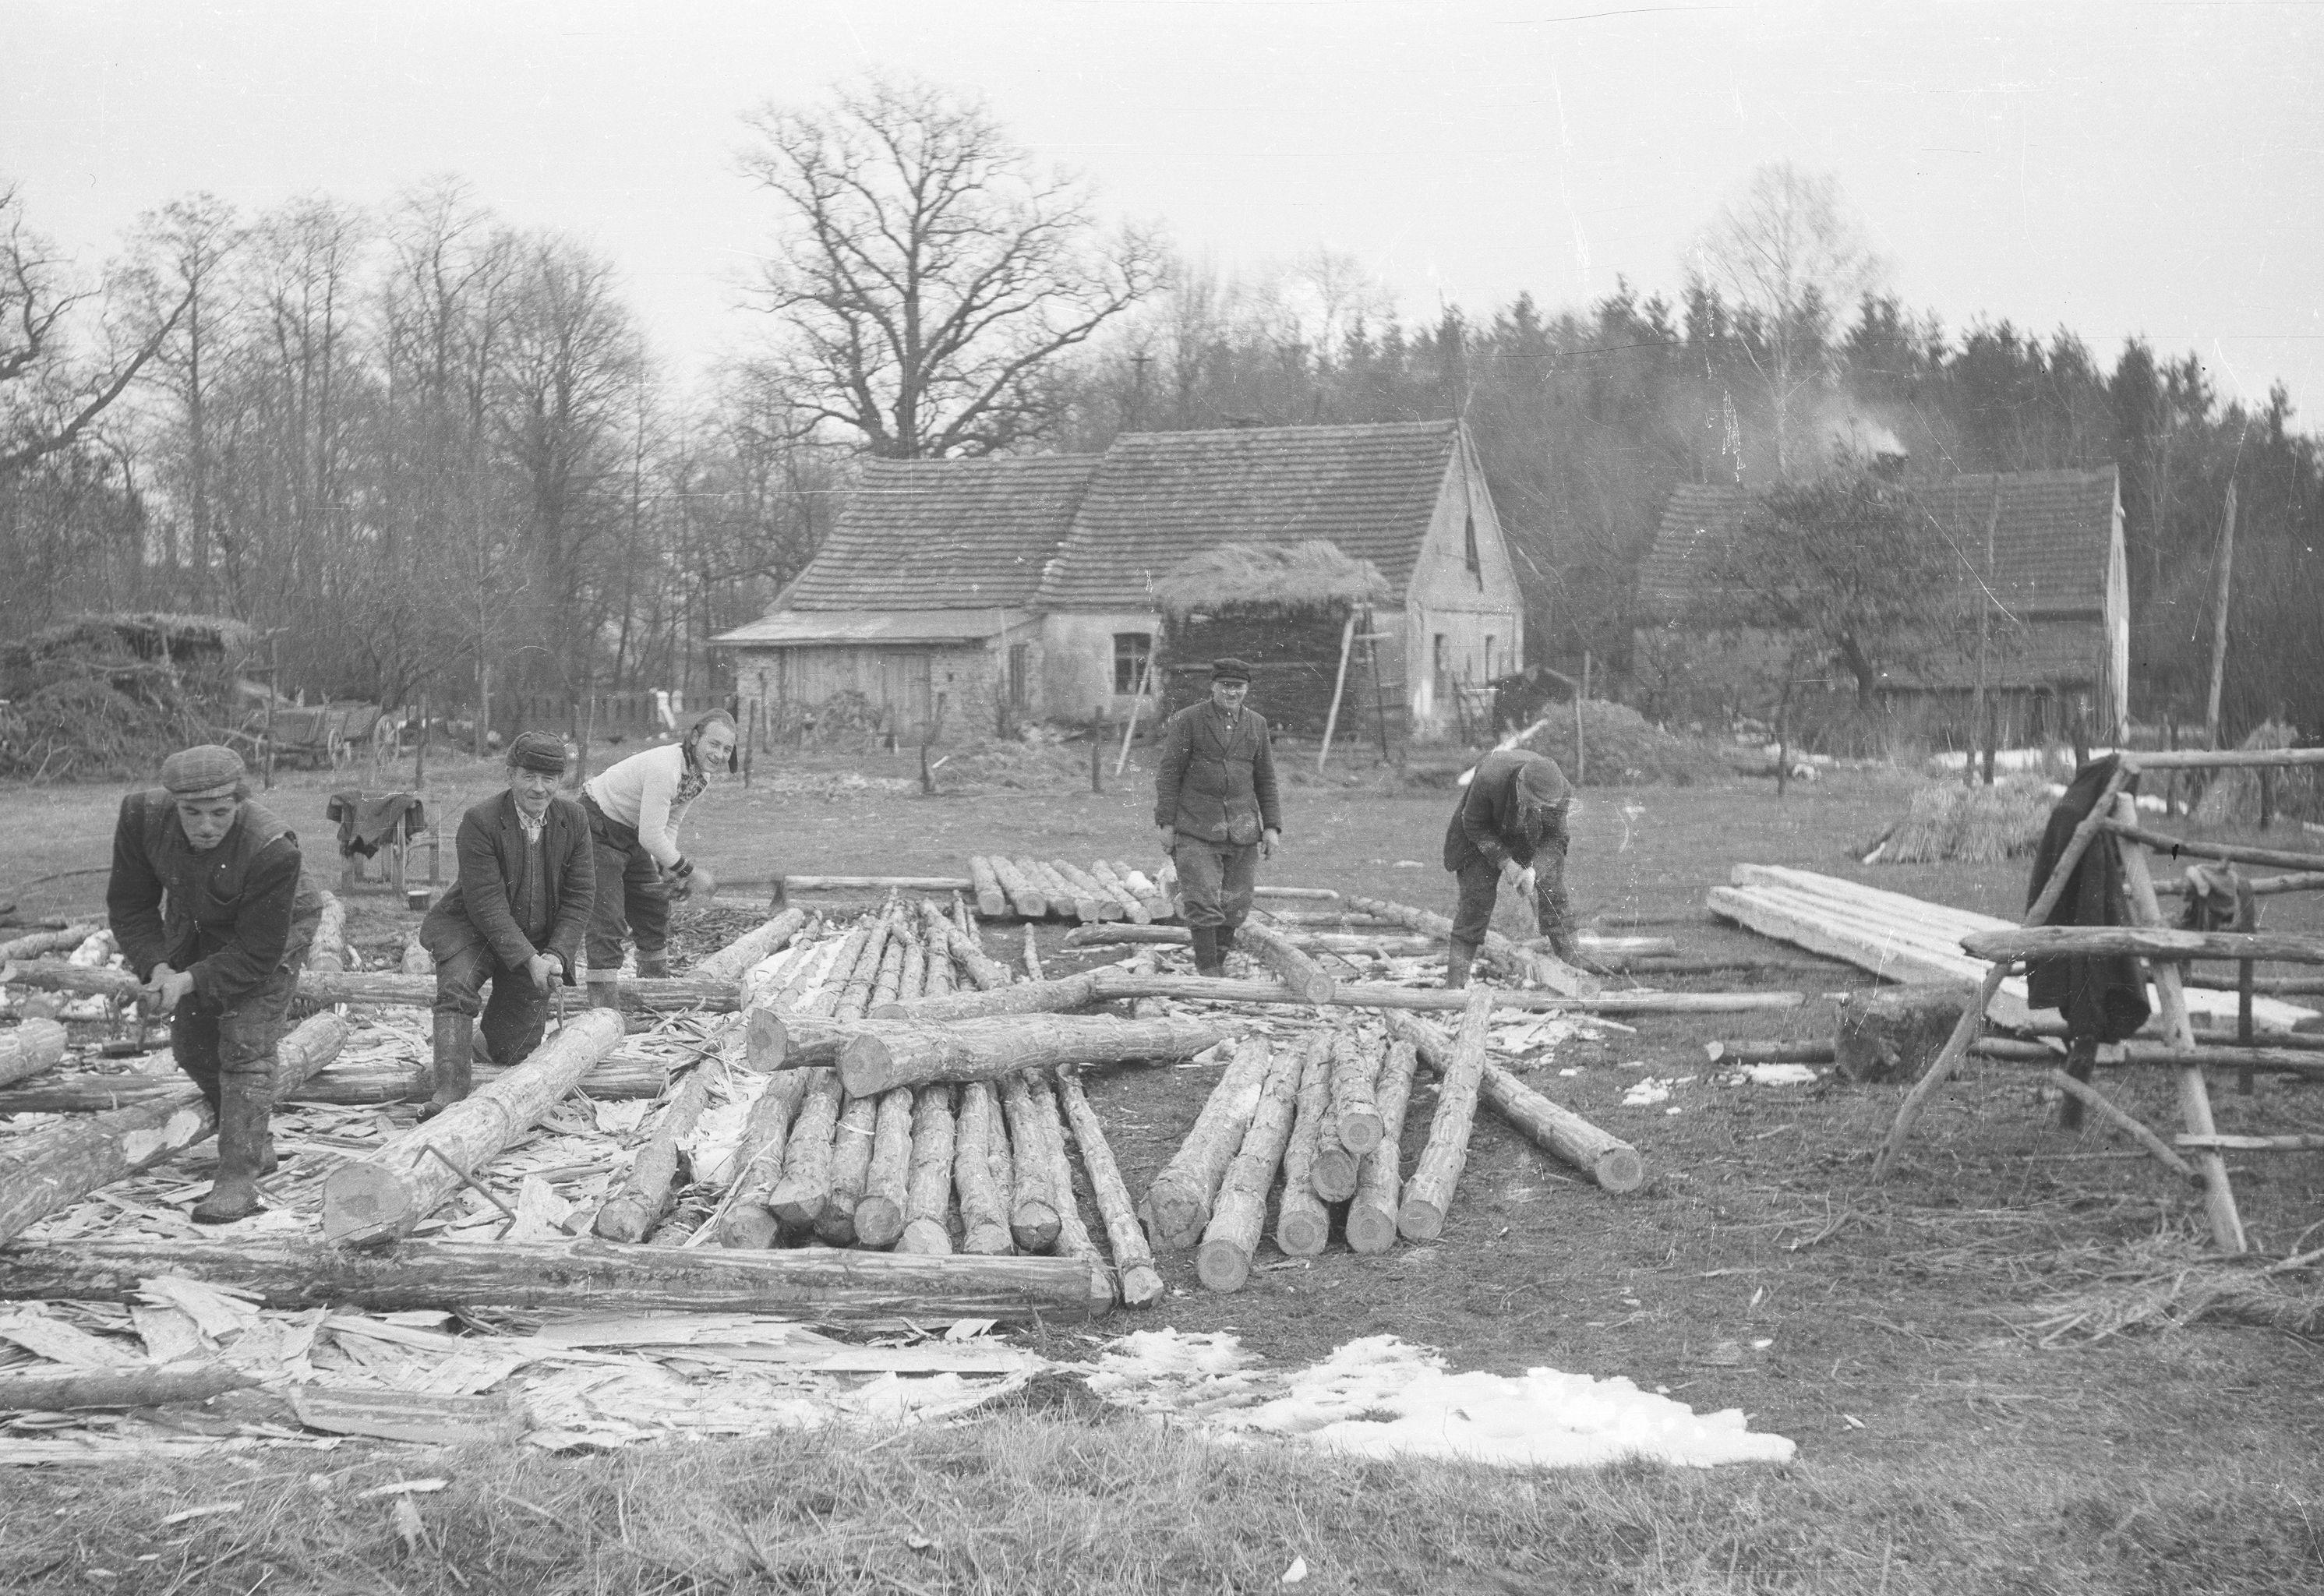 Budowa stodoły, Brzózka, Dolny Śląsk, lata 50. XX w.